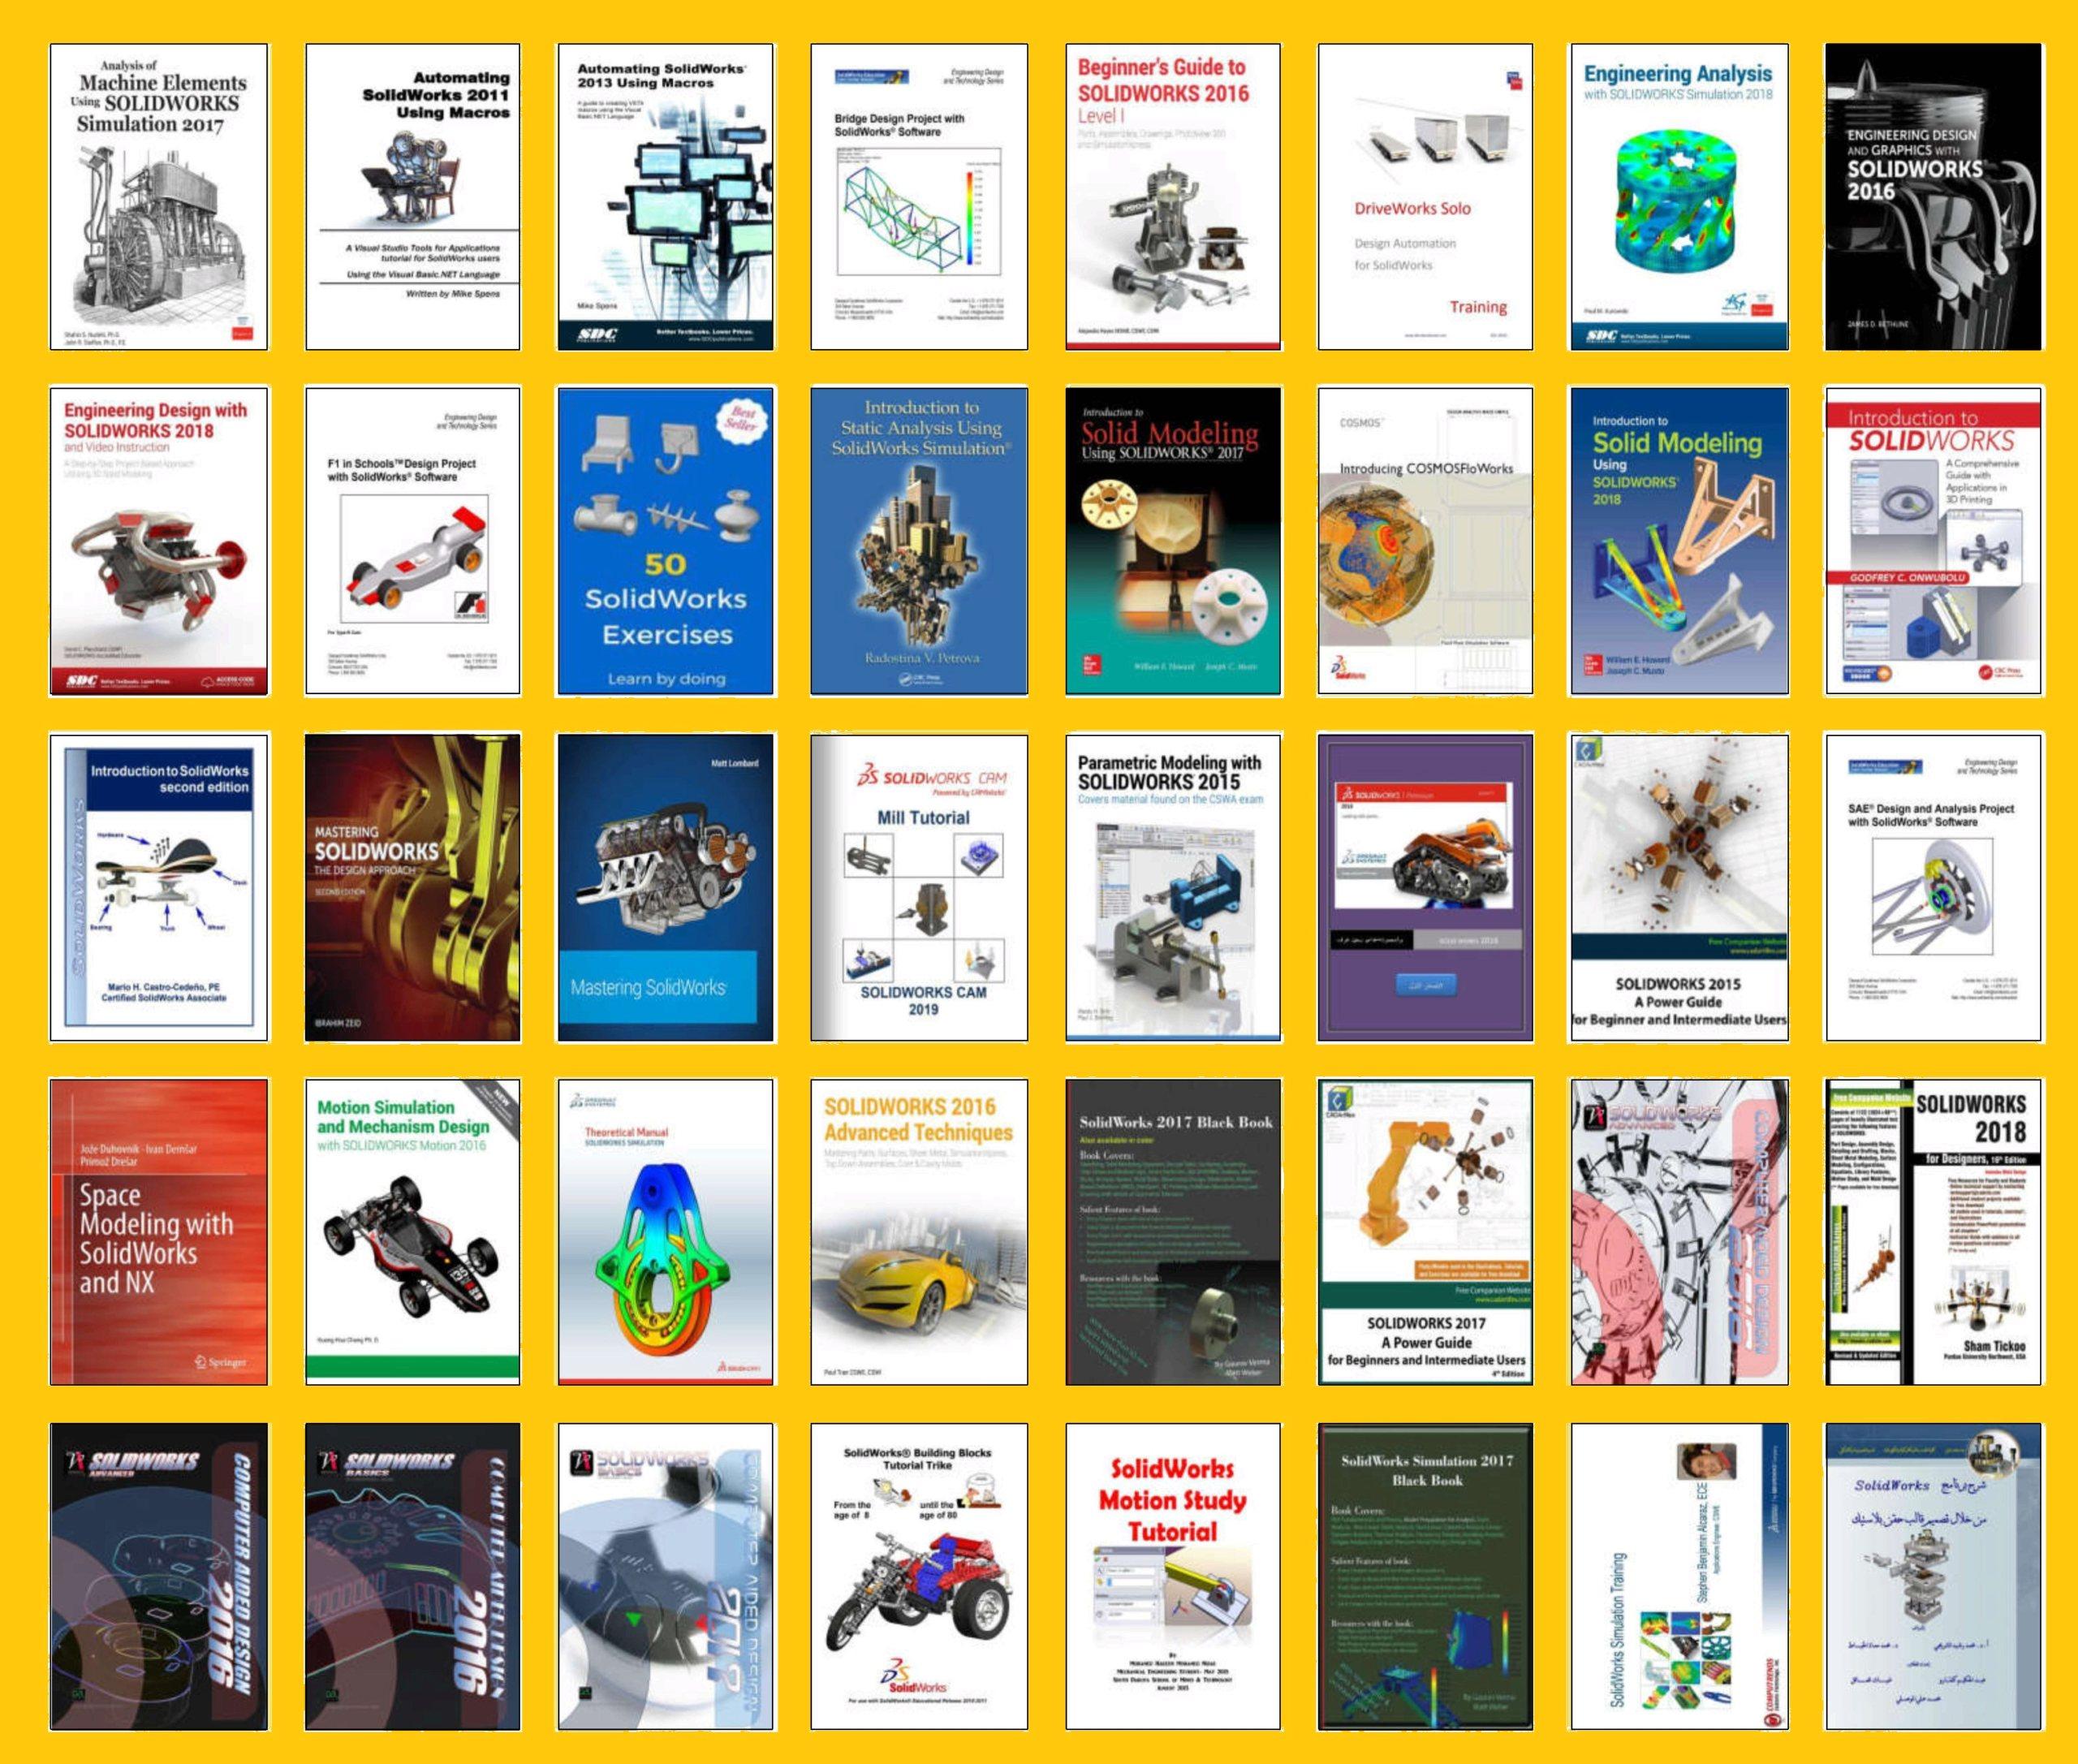 أقوى مجموعة كتب لشرح برنامج التصميم الهندسي الشهير سوليدوركس - Solidworks Solidw10